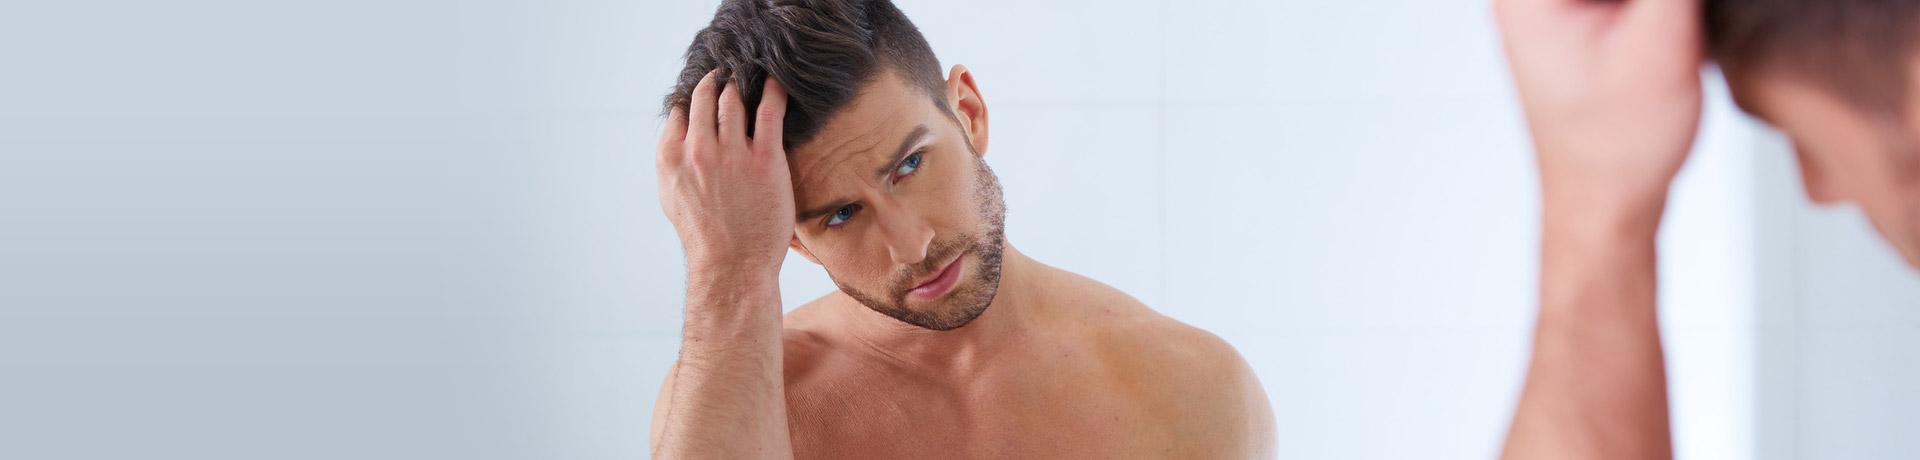 Plastische Chirurgie für Männer